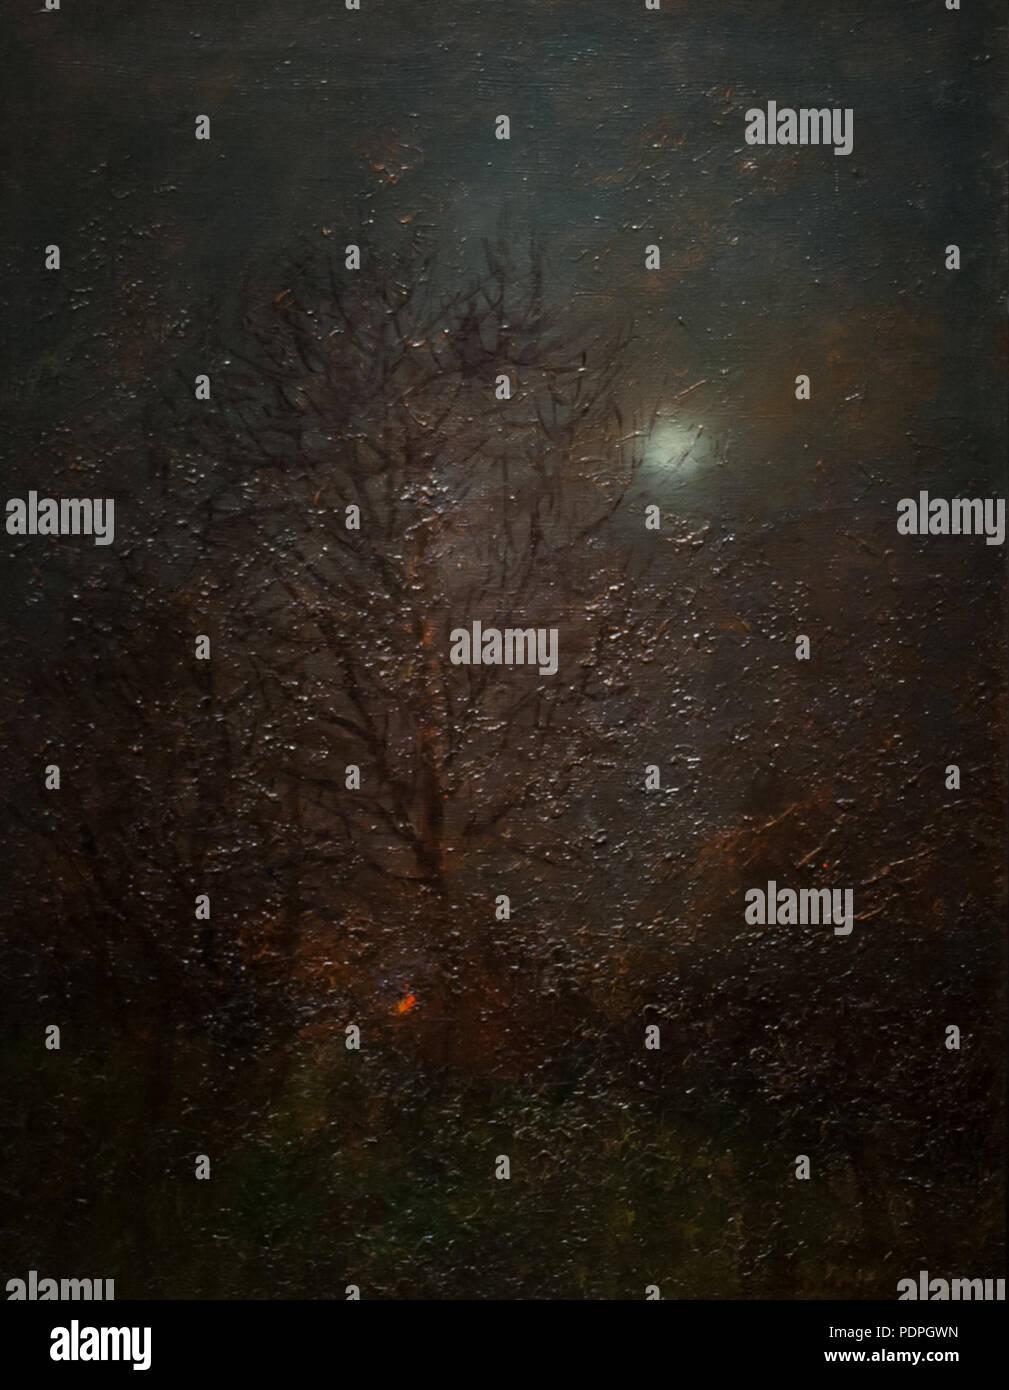 25 Moonshine - painting by László Mednyánszky - Stock Image